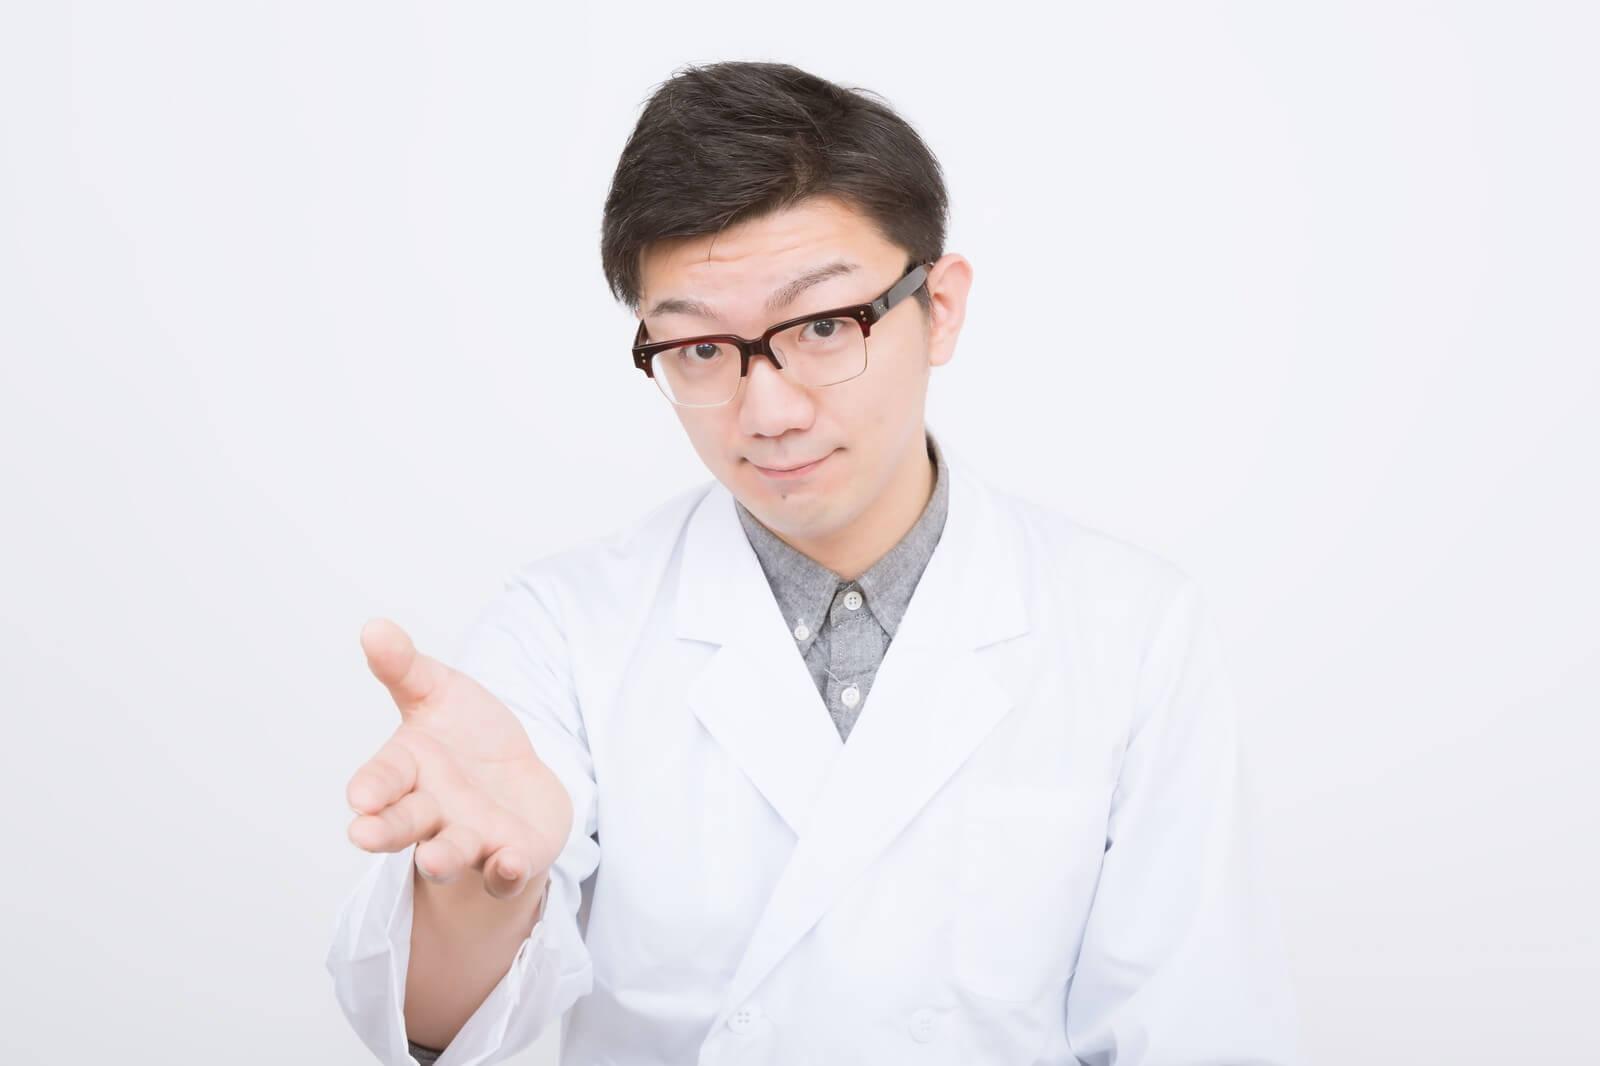 抗がん剤【オプジーポ】価格を引き下げへ